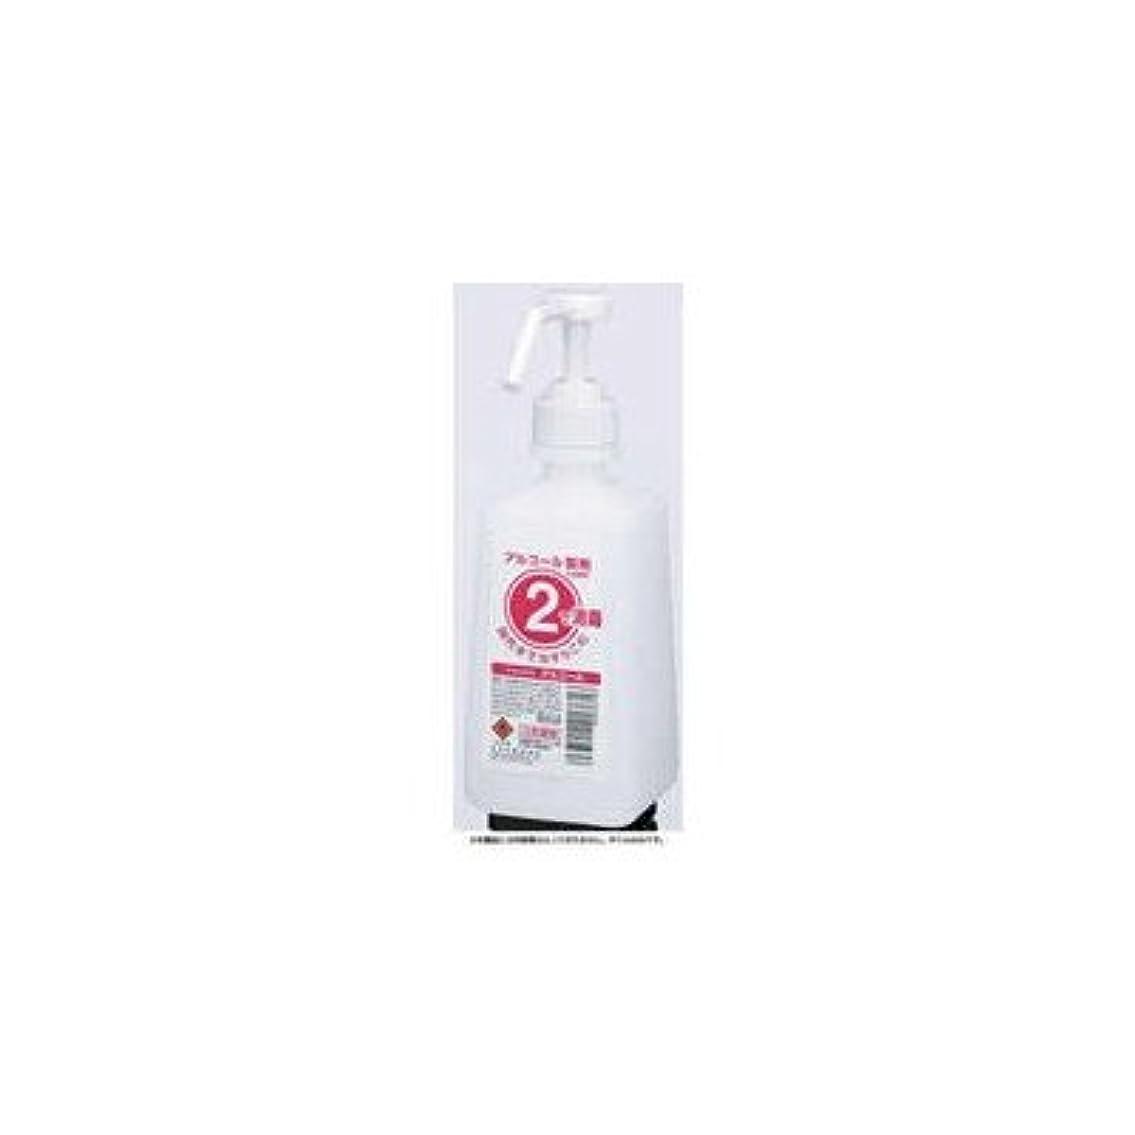 人道的コンパス金属アルコール消毒用2ボトル 1Lタイプ サラヤ 2ボトル 噴射ポンプ付 手指消毒剤用 薬液詰替容器 500ml×12本